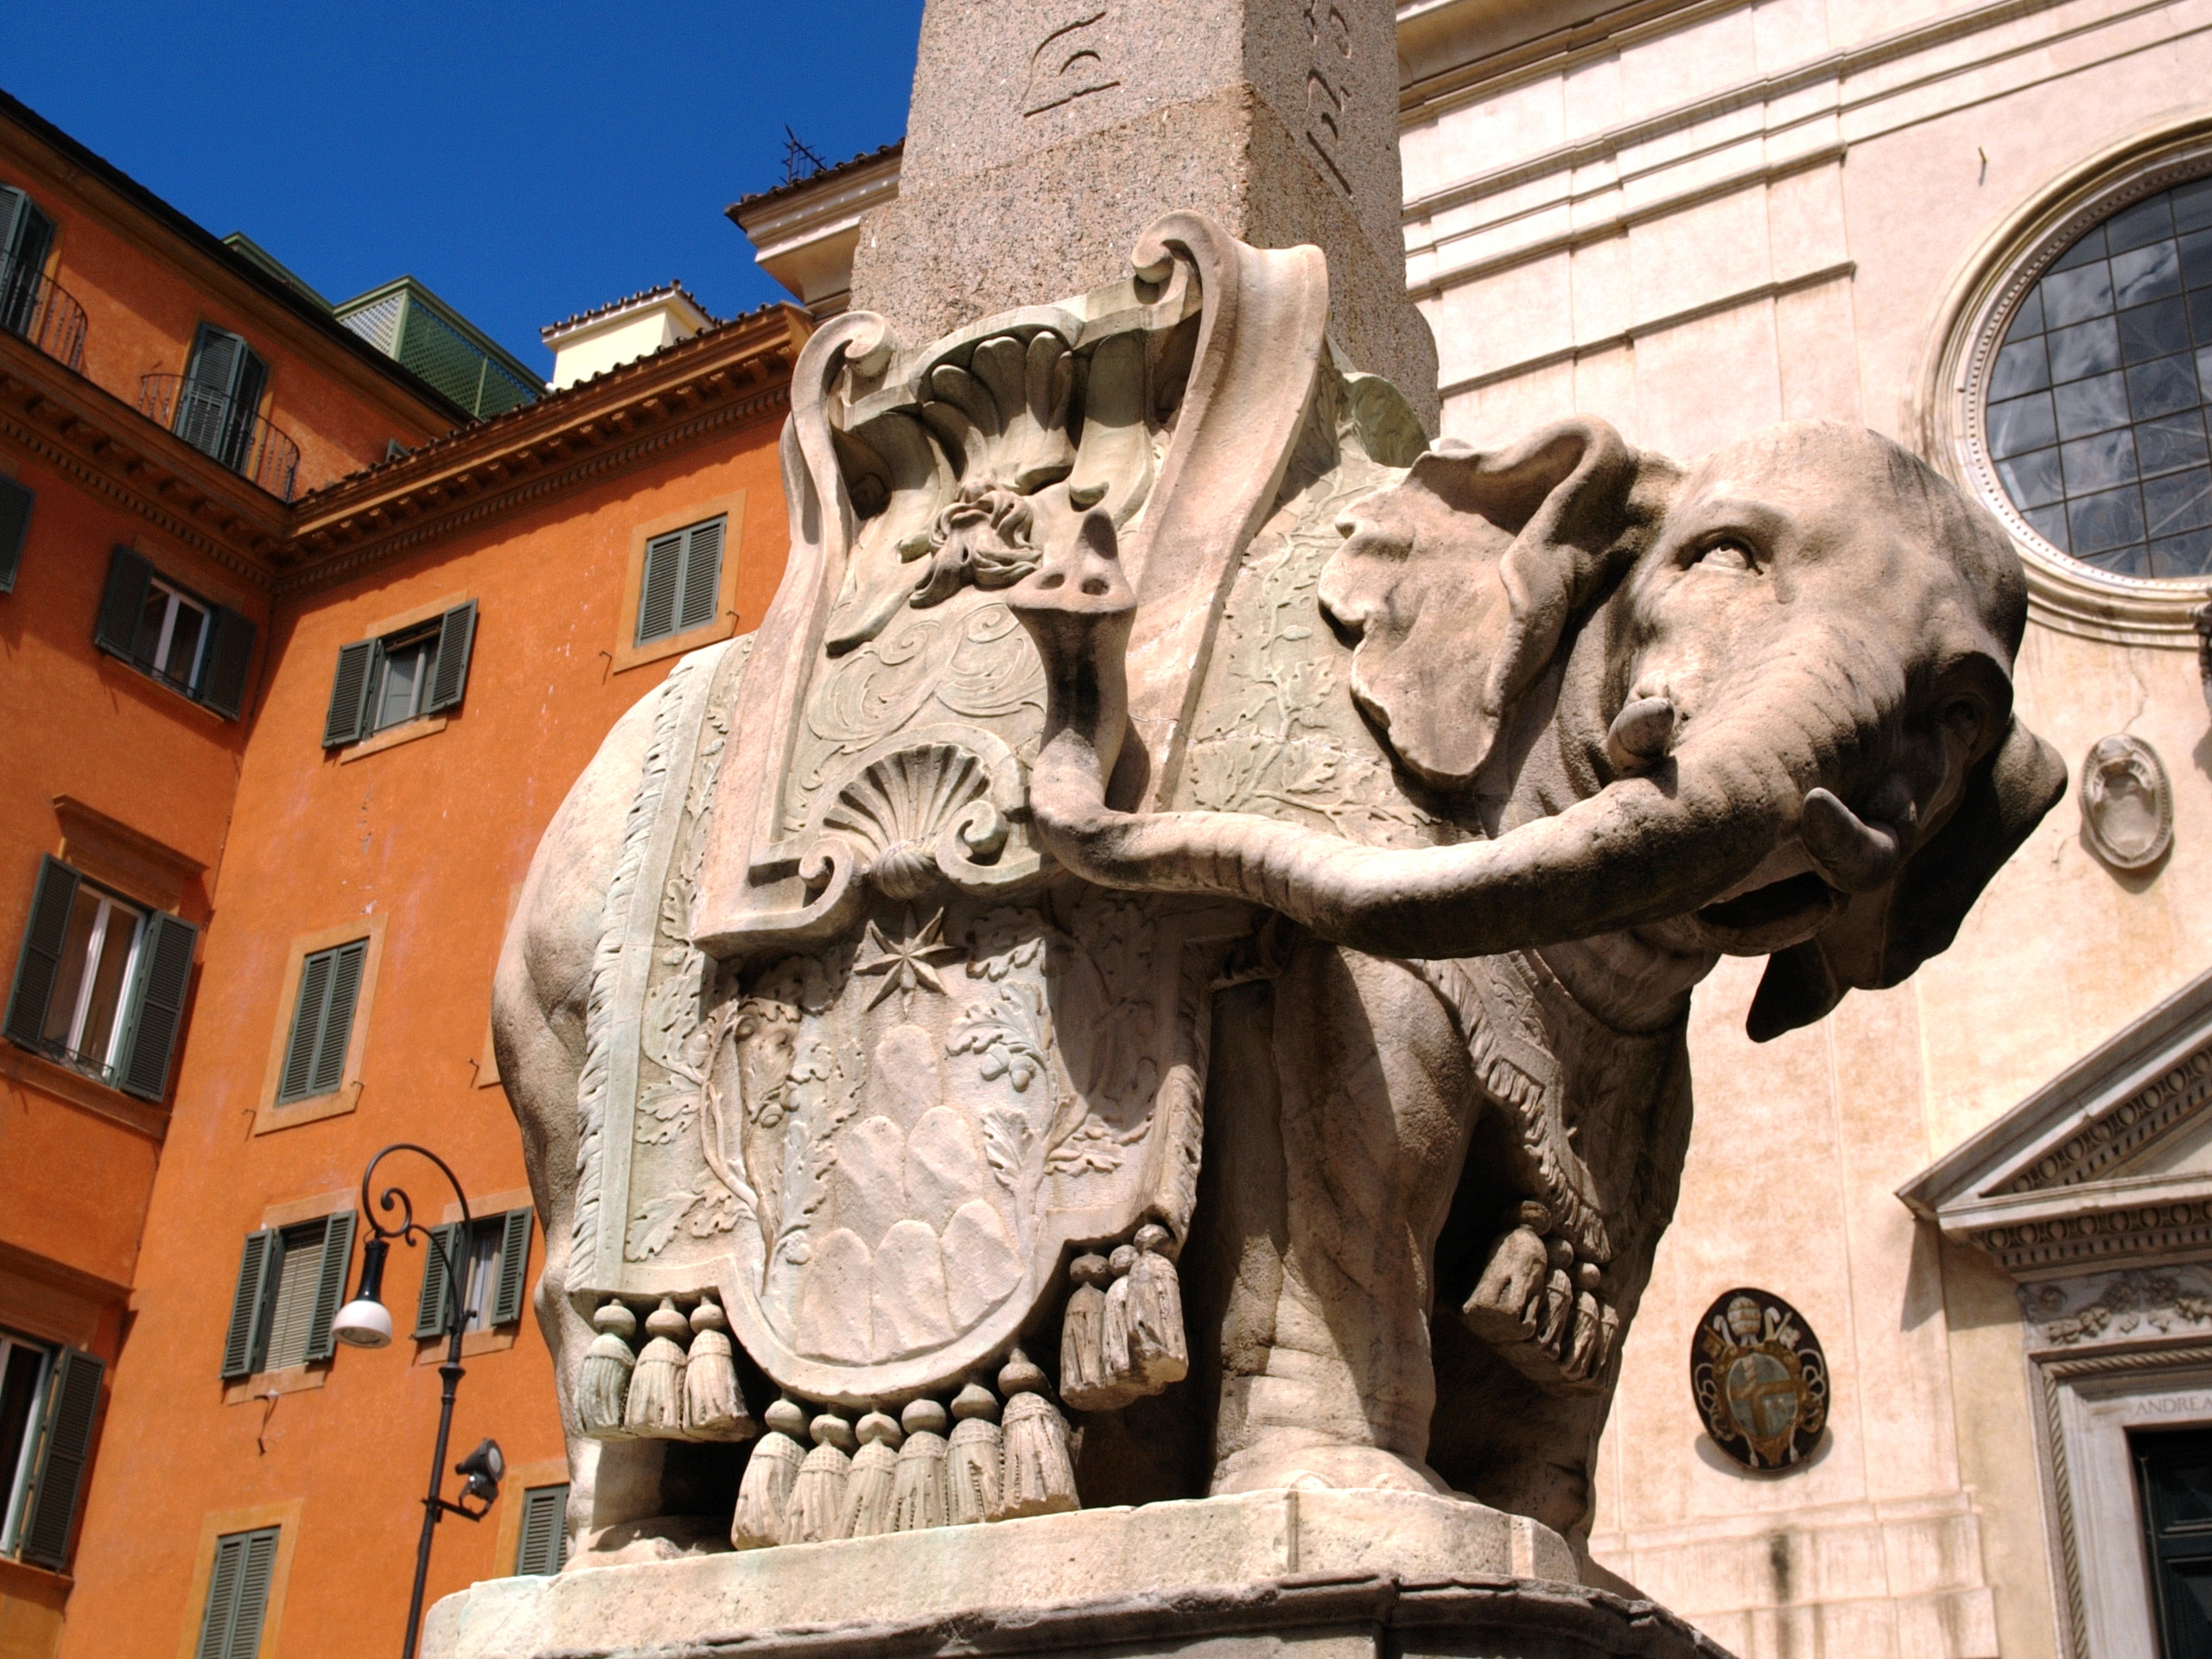 Italie Rim 24